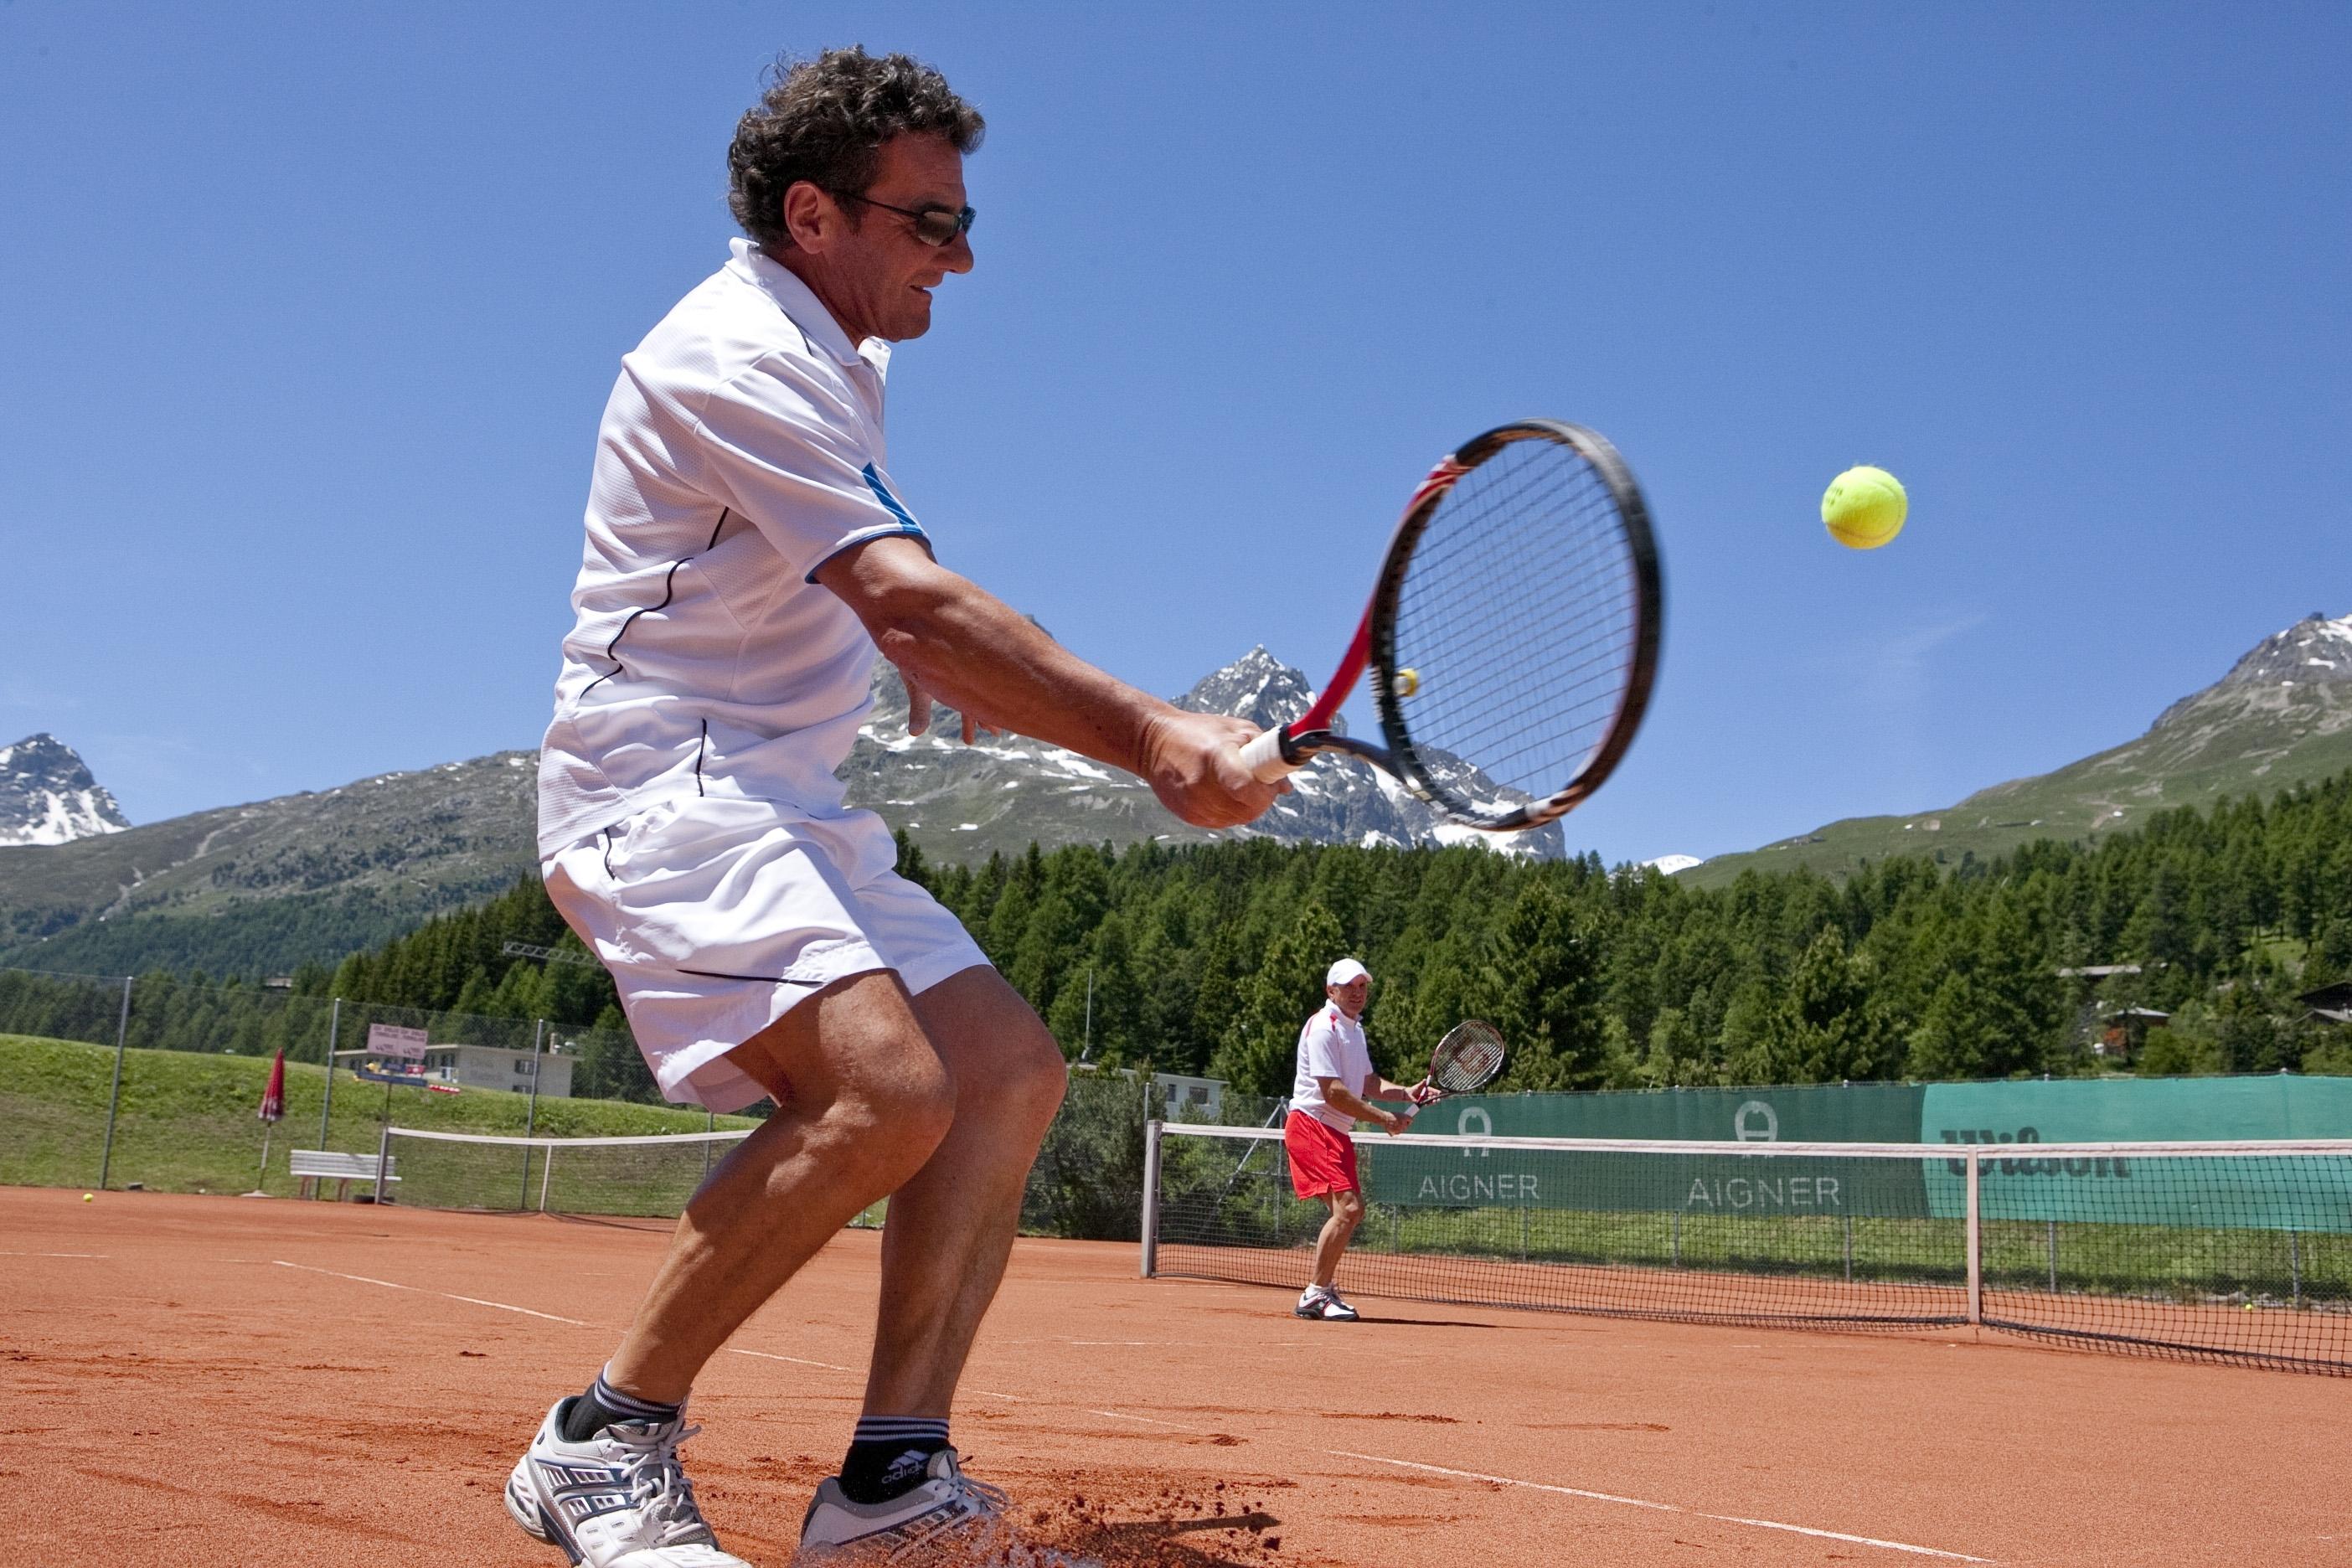 Tennis & Squash Center St. Moritz Slide 4